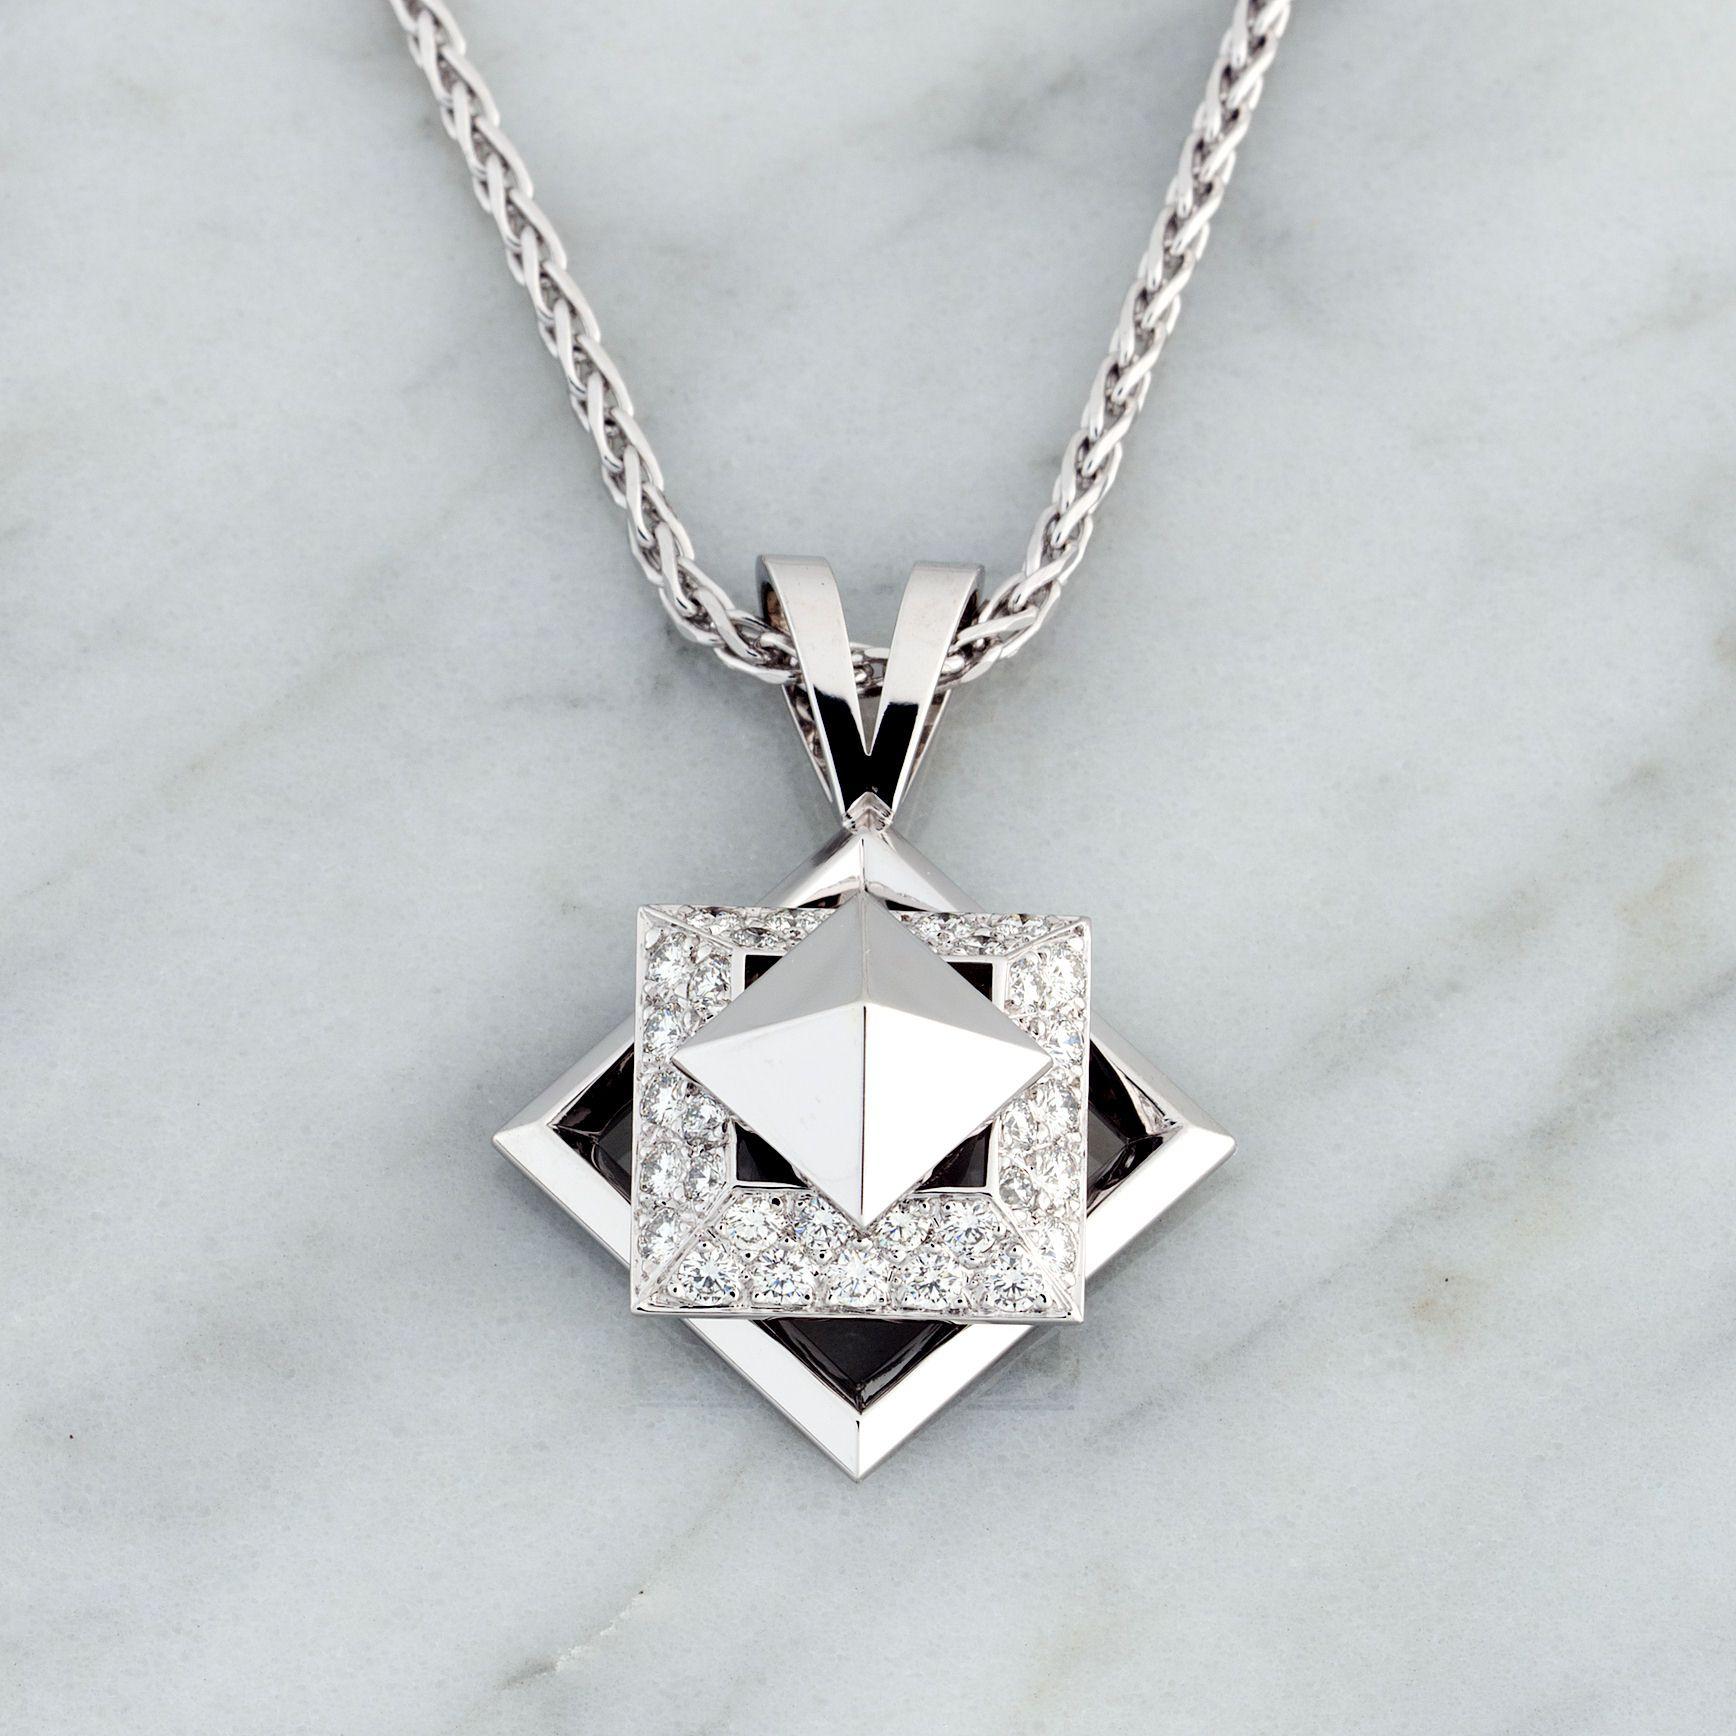 14k White Gold 0.40ct Diamond Spinner Pendant